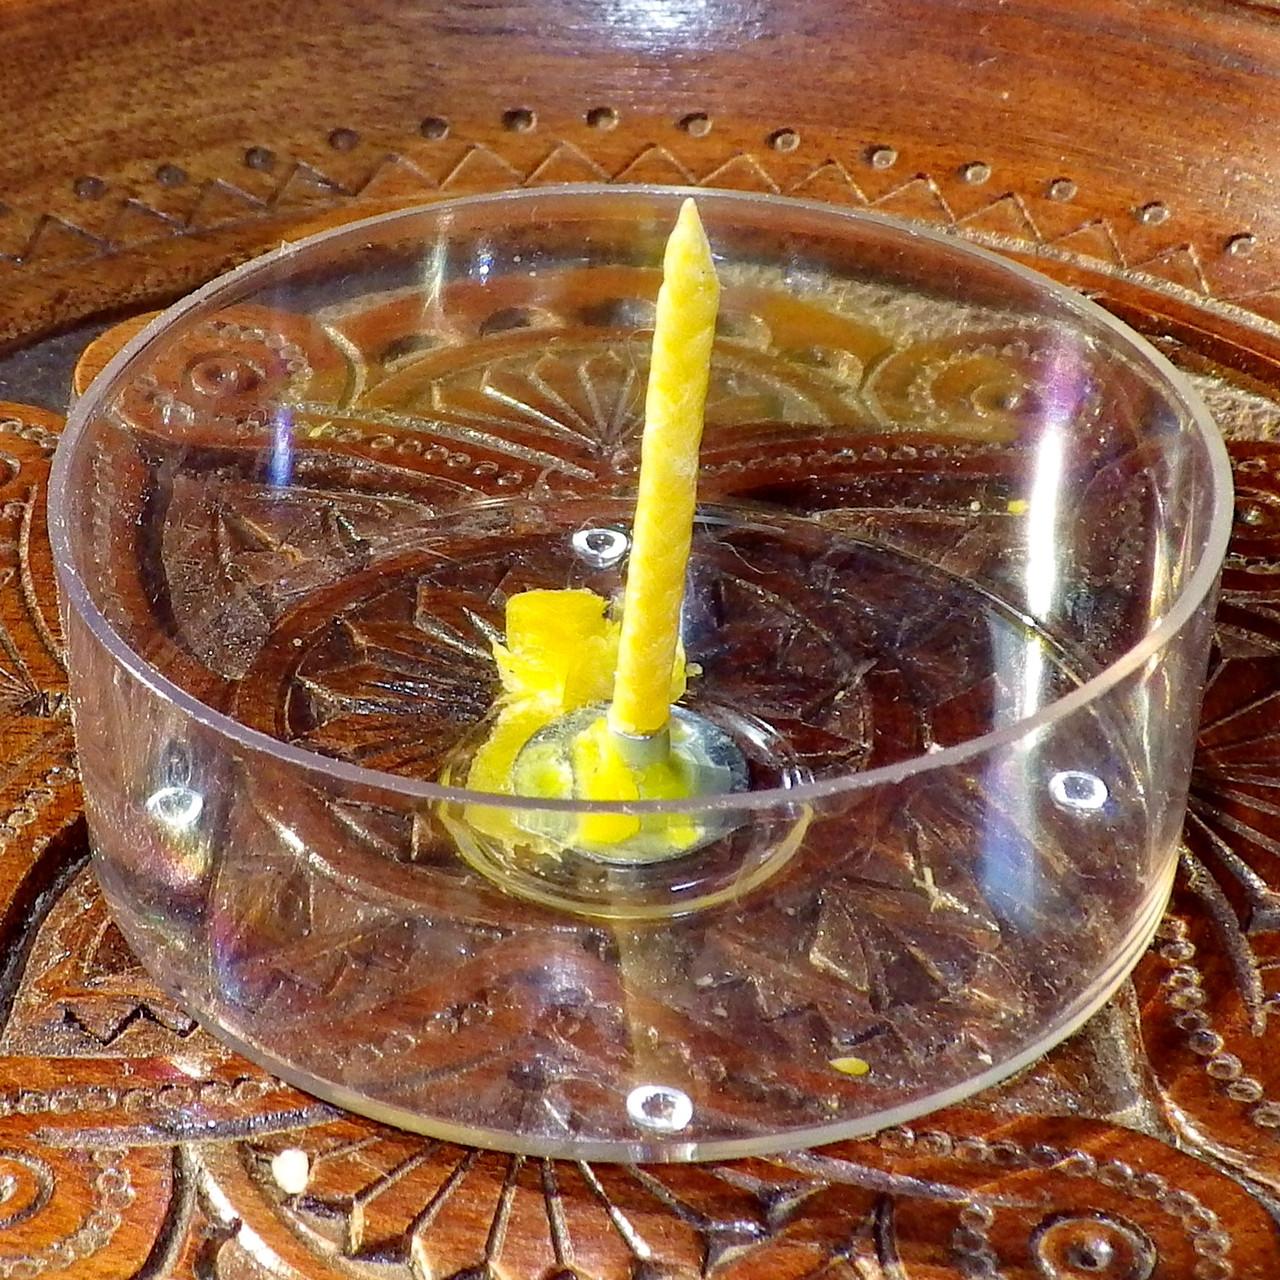 Набор для изготовления чайной свечи с содержанием воска 44г (контейнер чайной свечи, фиксатор фитиля, фитиль)